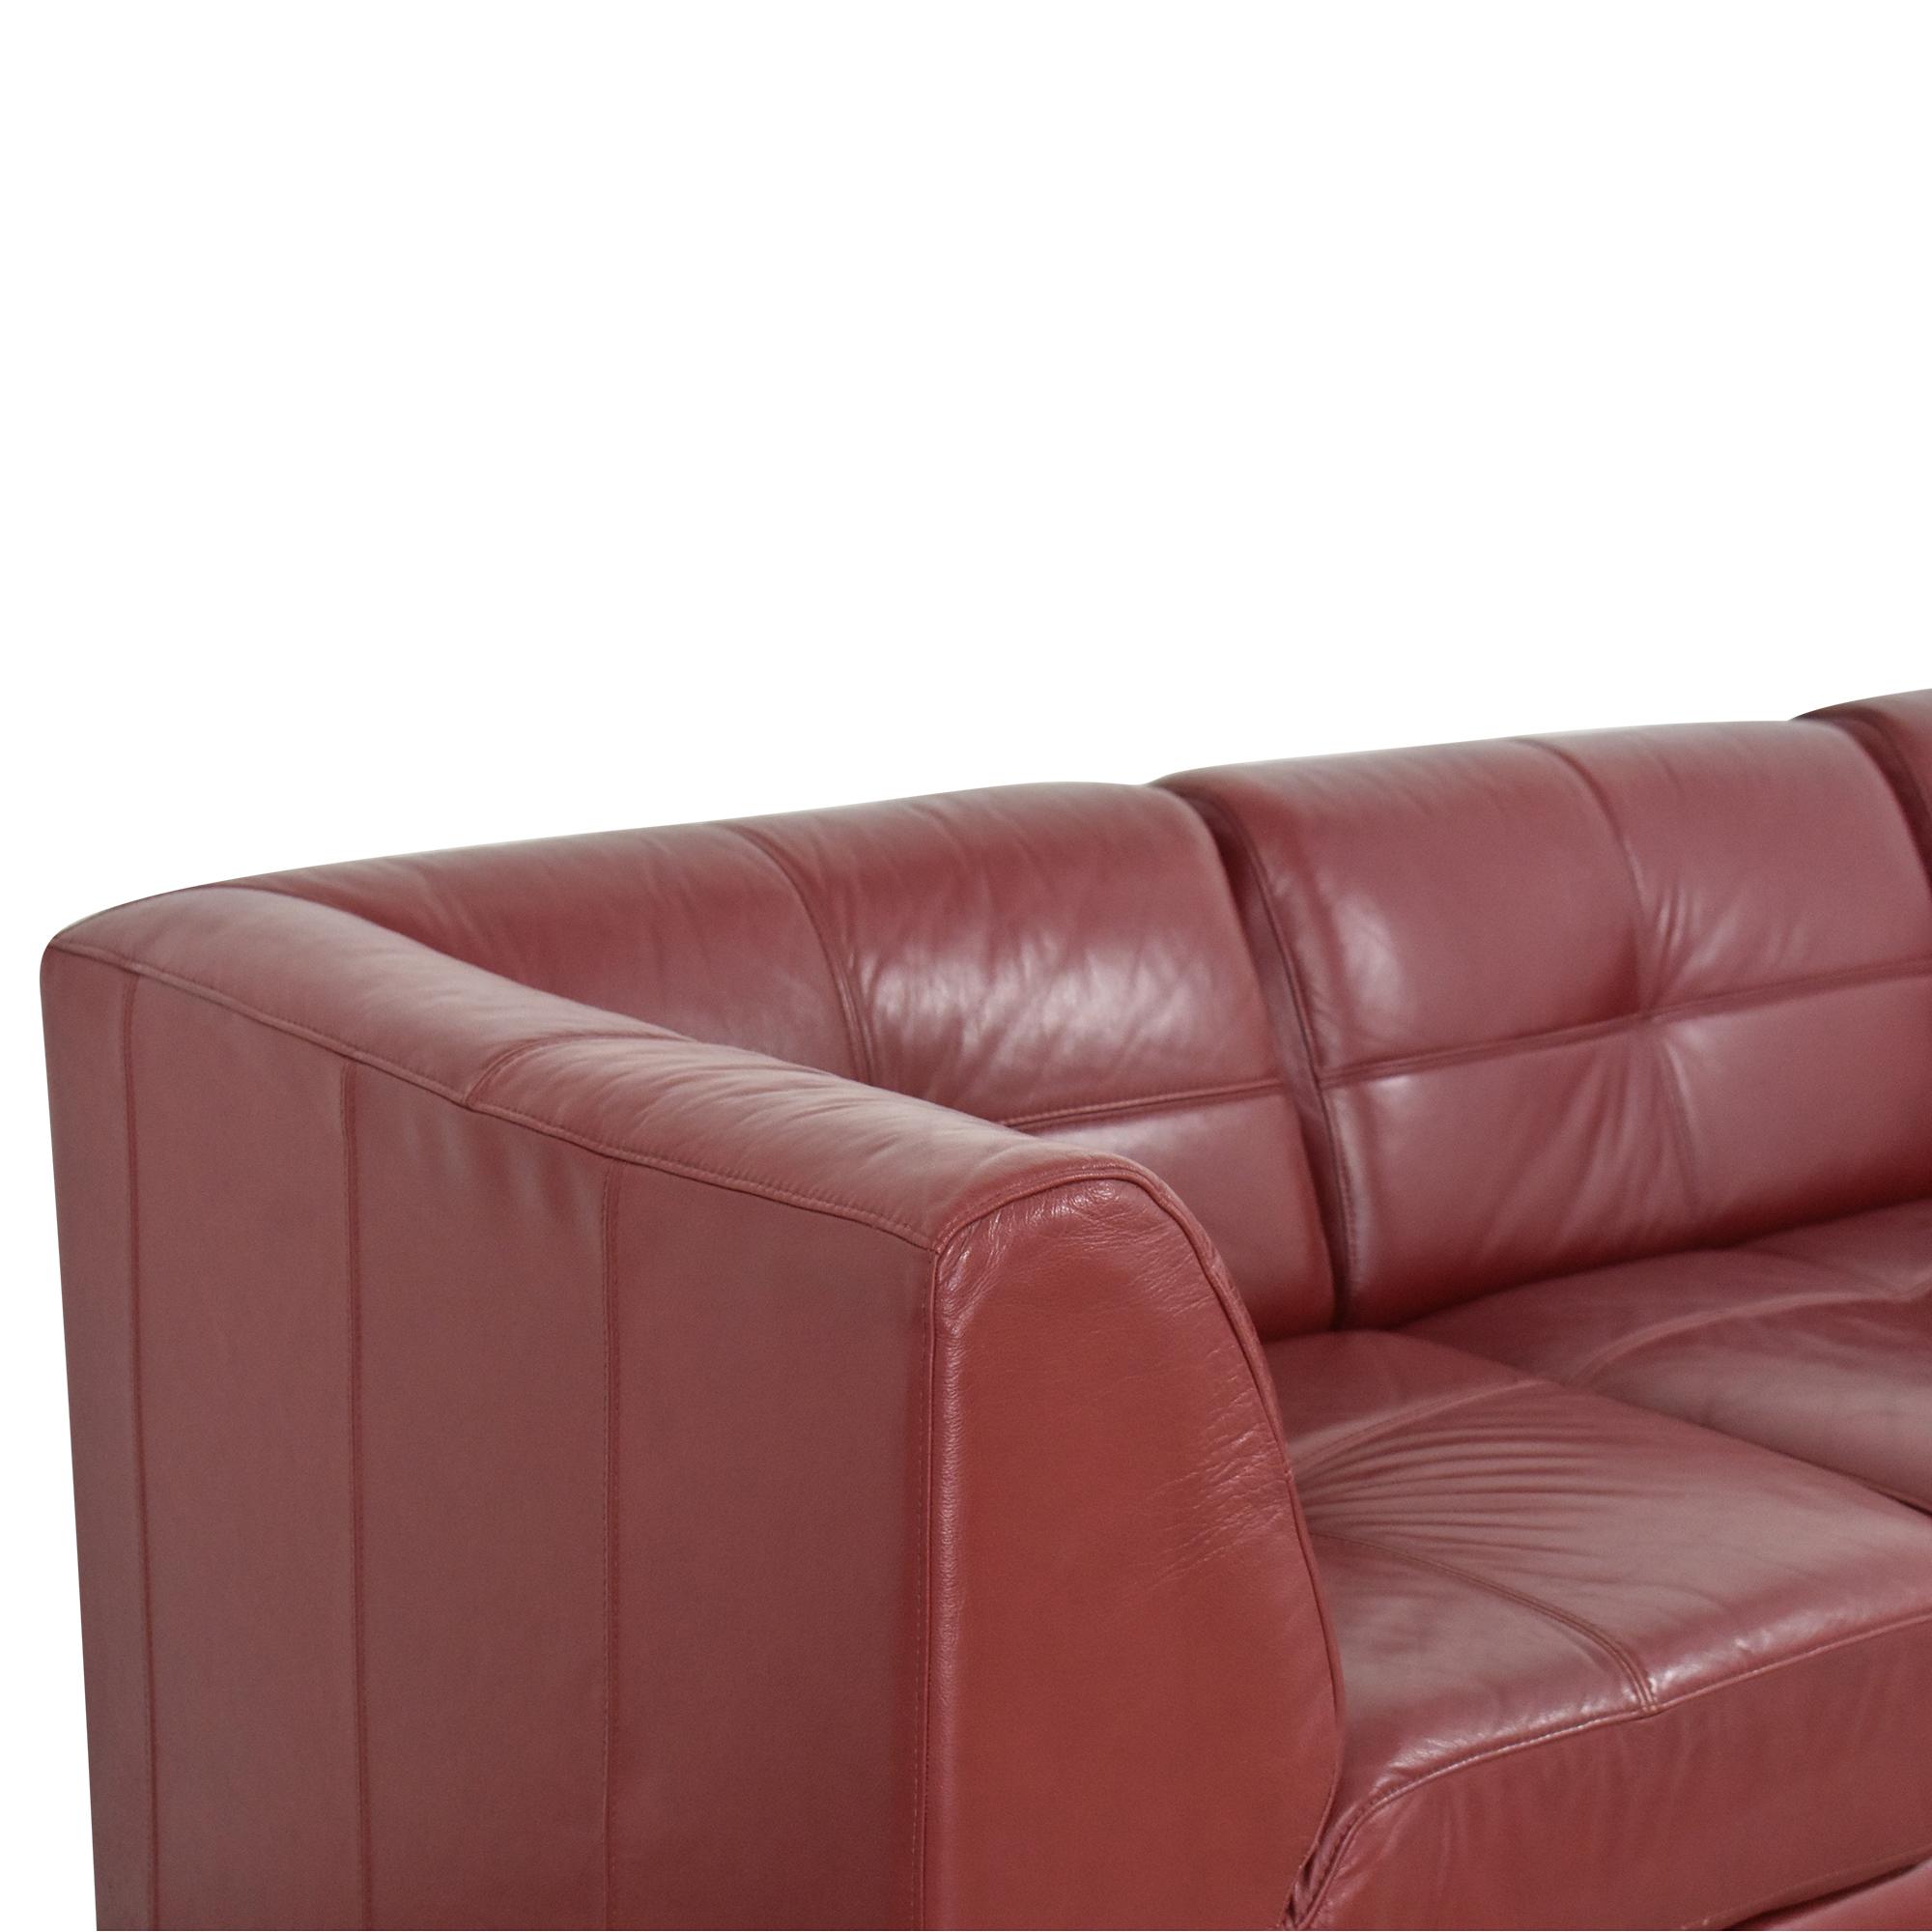 buy Raymour & Flanigan Modular Sofa Raymour & Flanigan Sofas